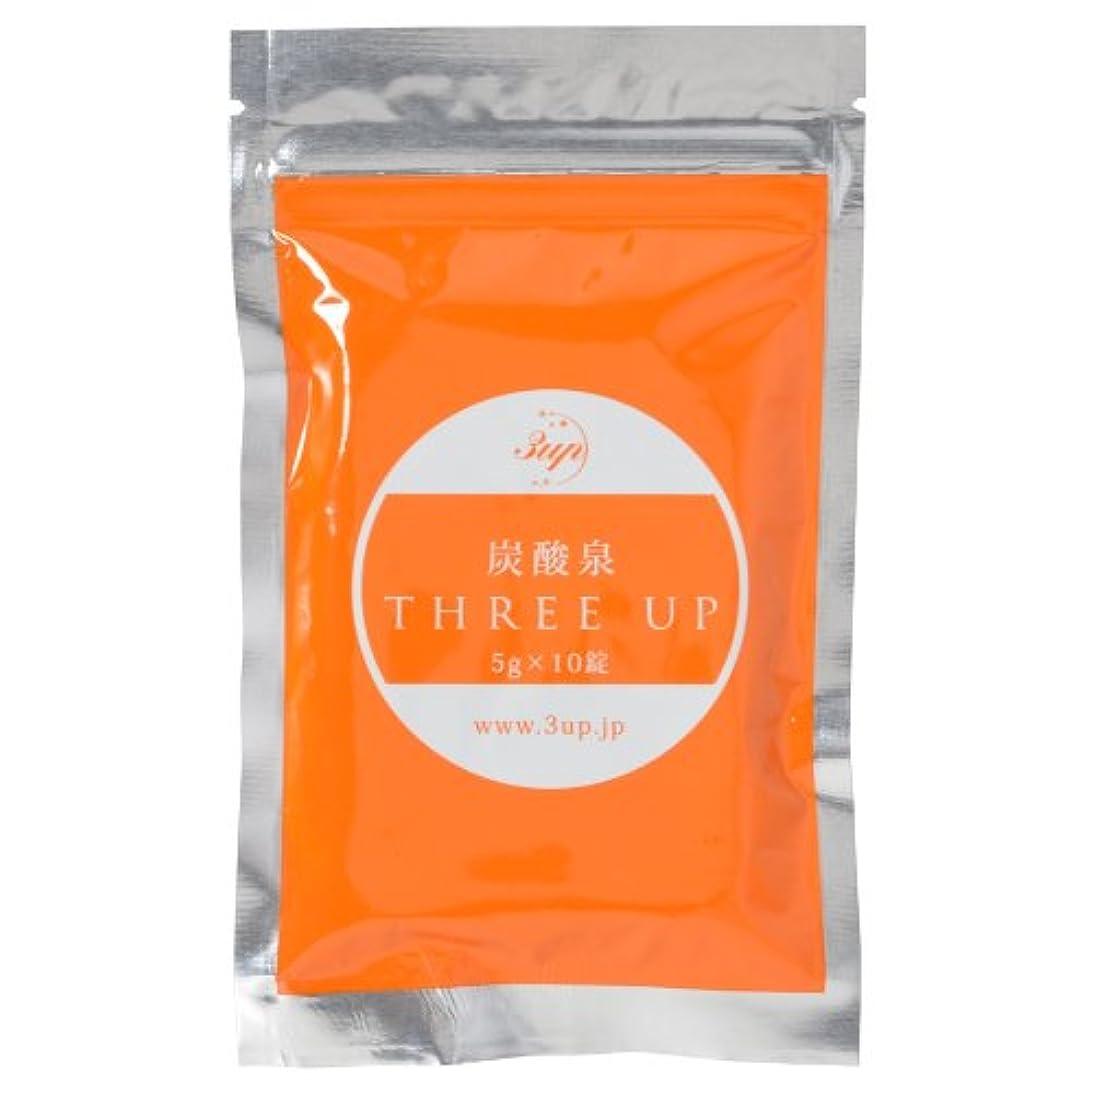 着服返済白雪姫3upスリーアップ 重炭酸イオンタブレット(洗顔用) 1袋:5g×10錠